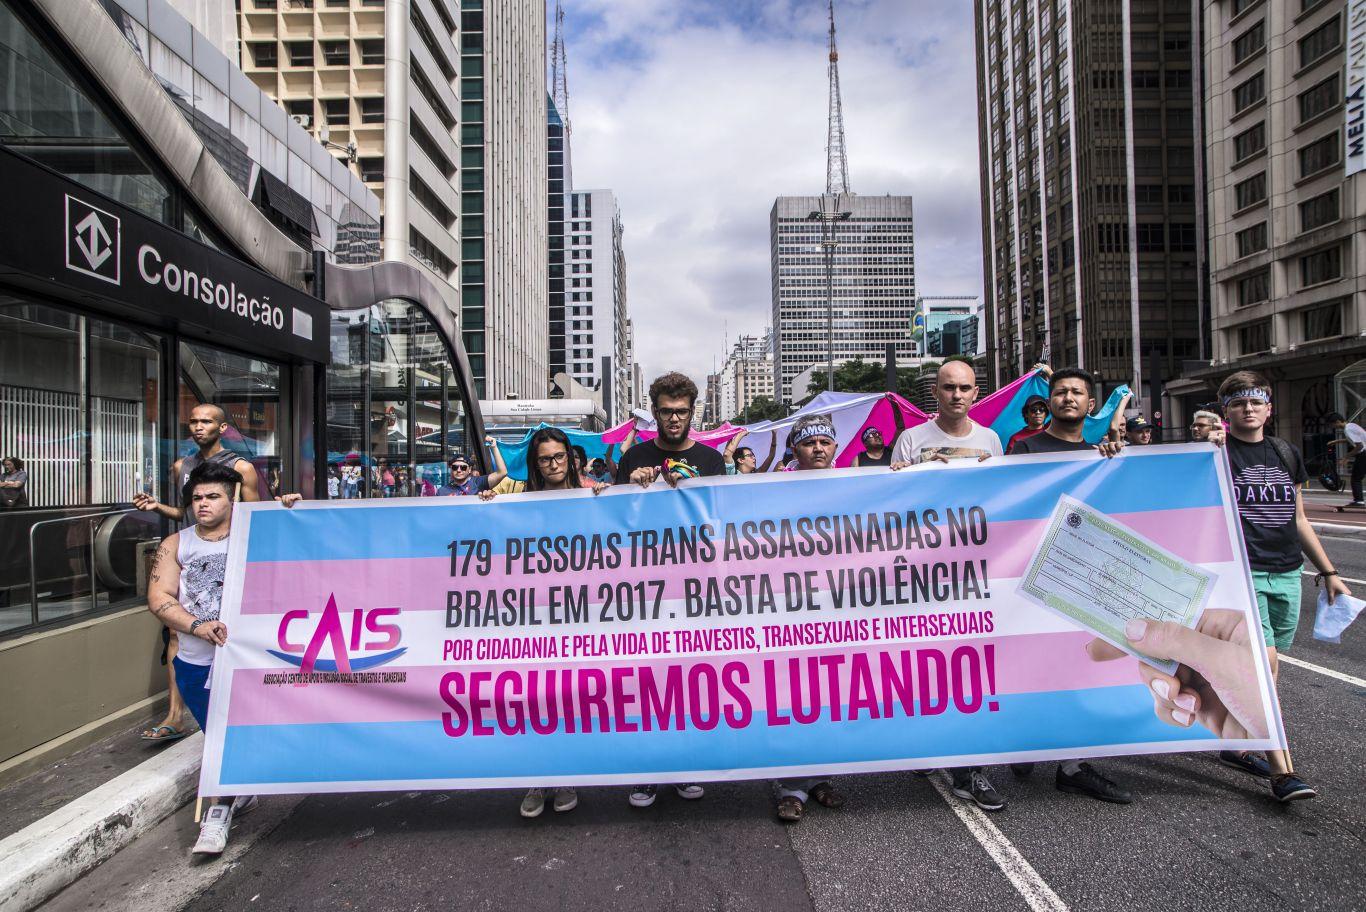 Ativistas trans protestam contra a violência